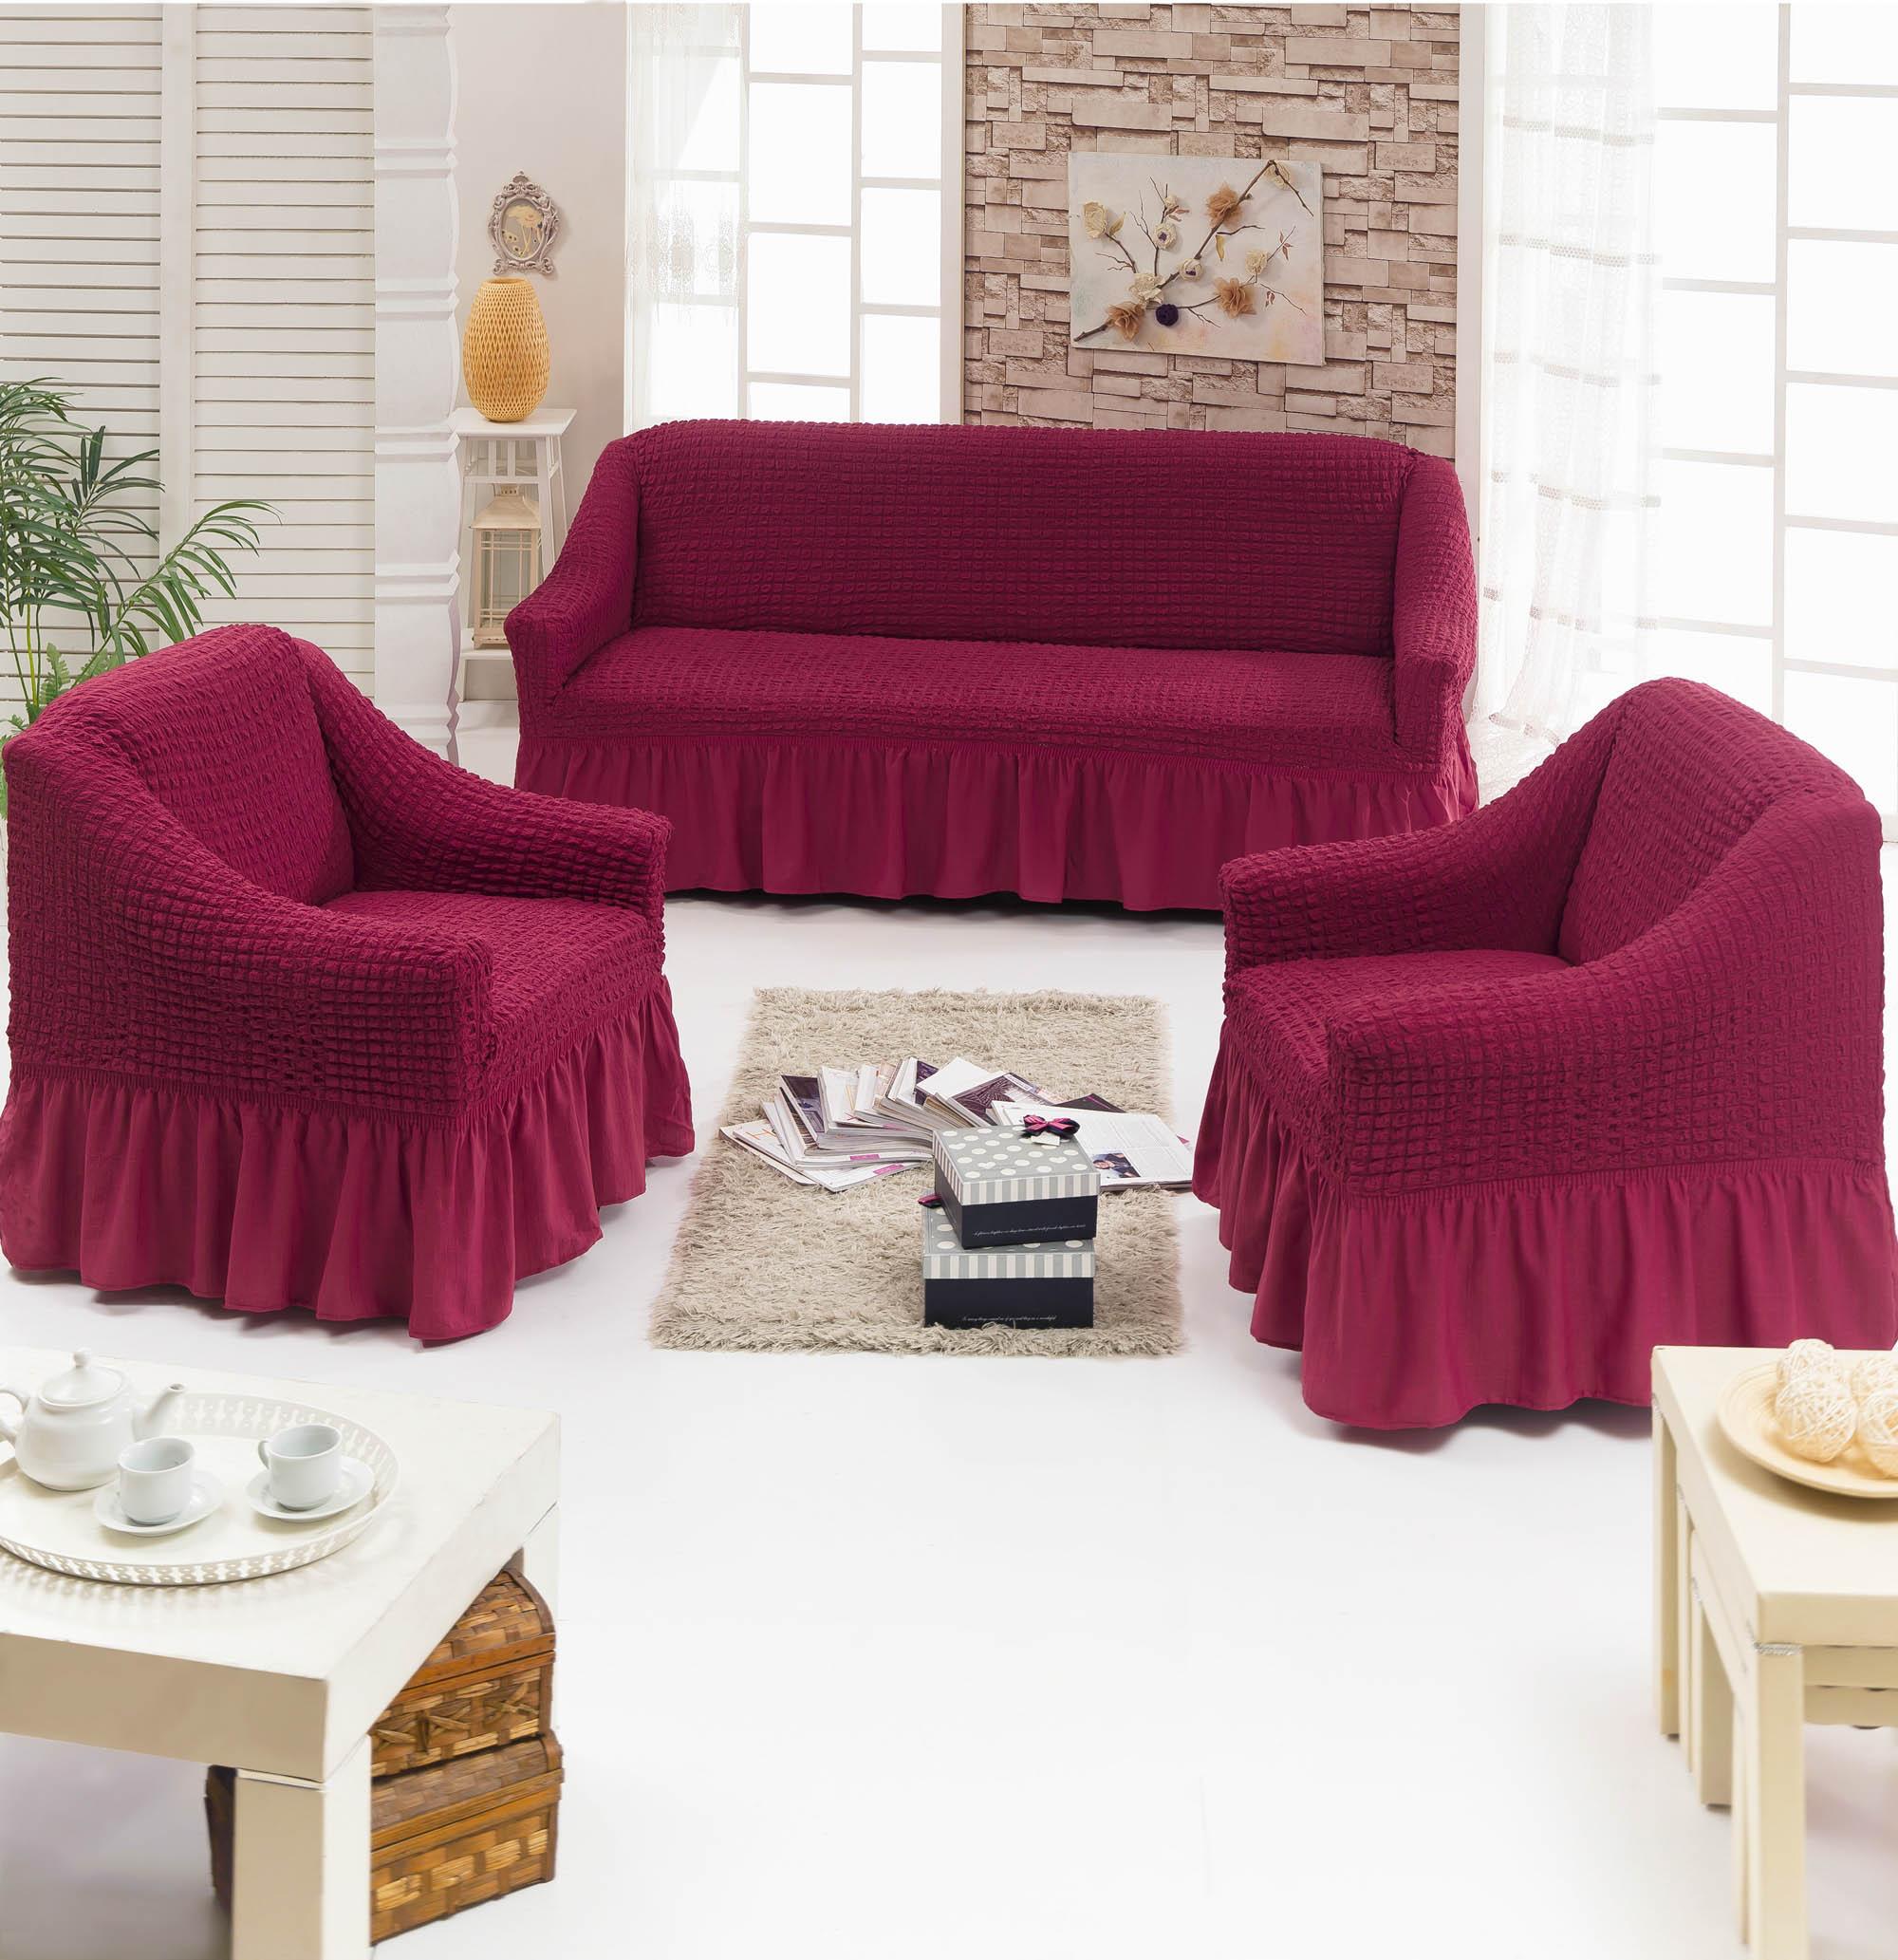 {} Juanna Набор чехлов для мягкой мебели Serana Цвет: Бордовый every набор чехлов для дивана every цвет бордовый